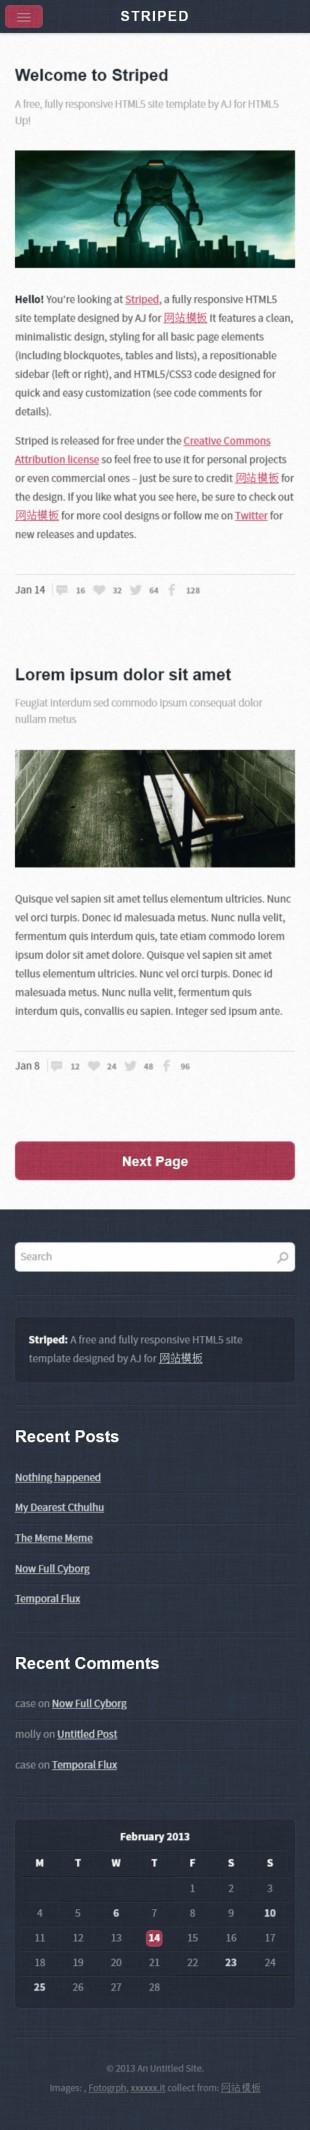 暗蓝色亚麻质感UI博客模板网站制作手机图片